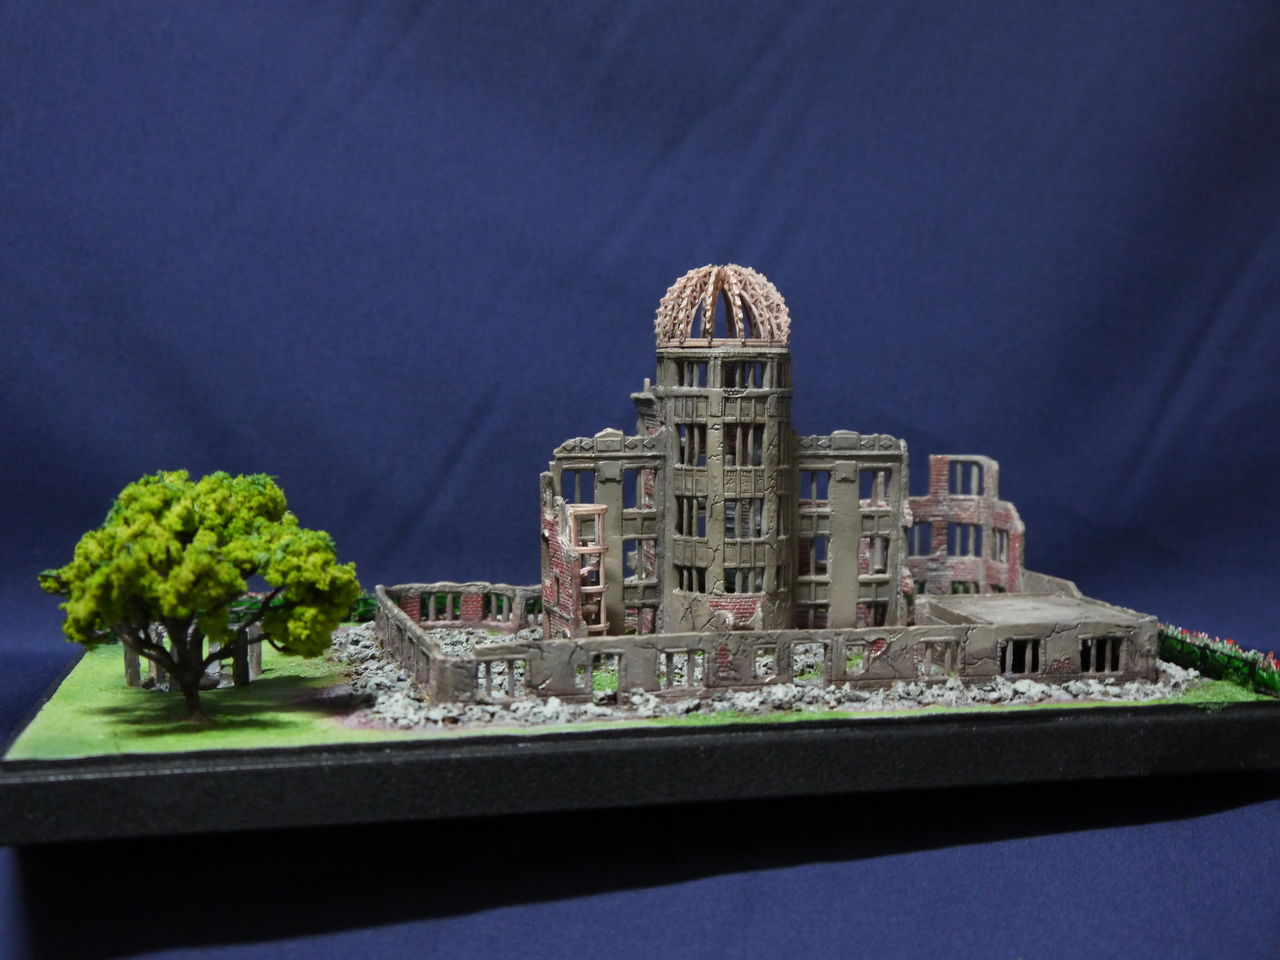 世界遺産「原爆ドーム」 プラモデル(縮尺250  原爆ドーム